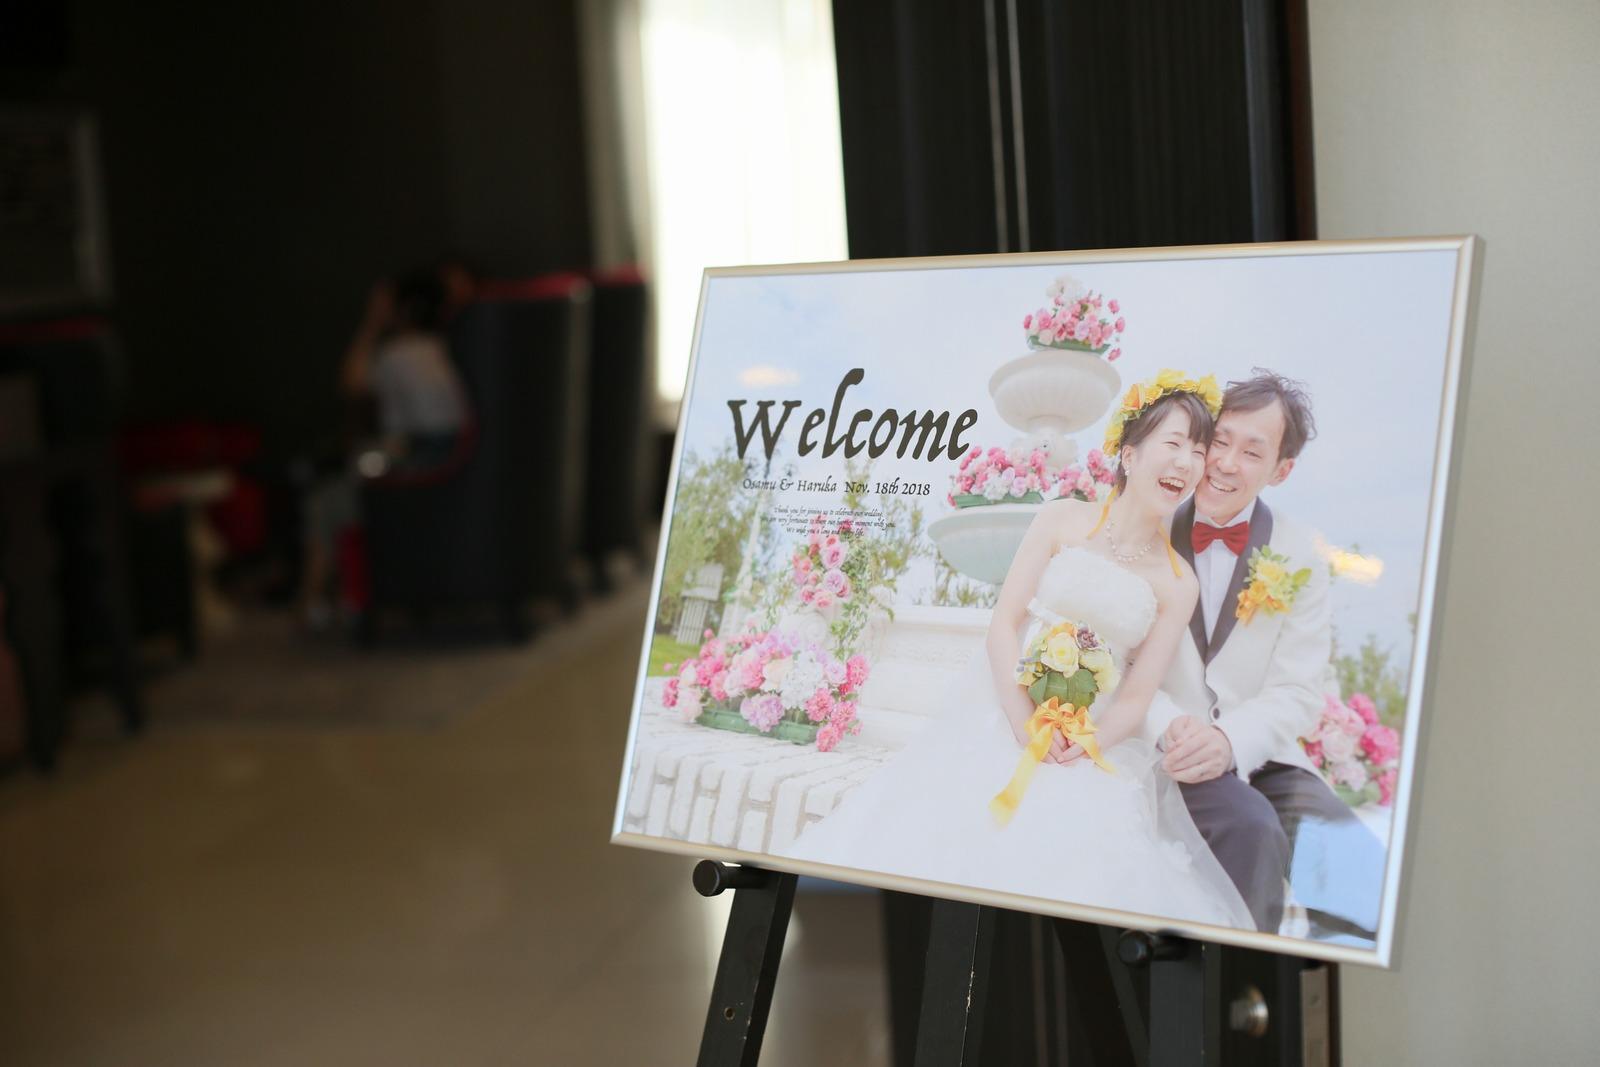 徳島市の結婚式場ブランアンジュで新郎新婦様のらしさ溢れる受付でのウエルカムボード